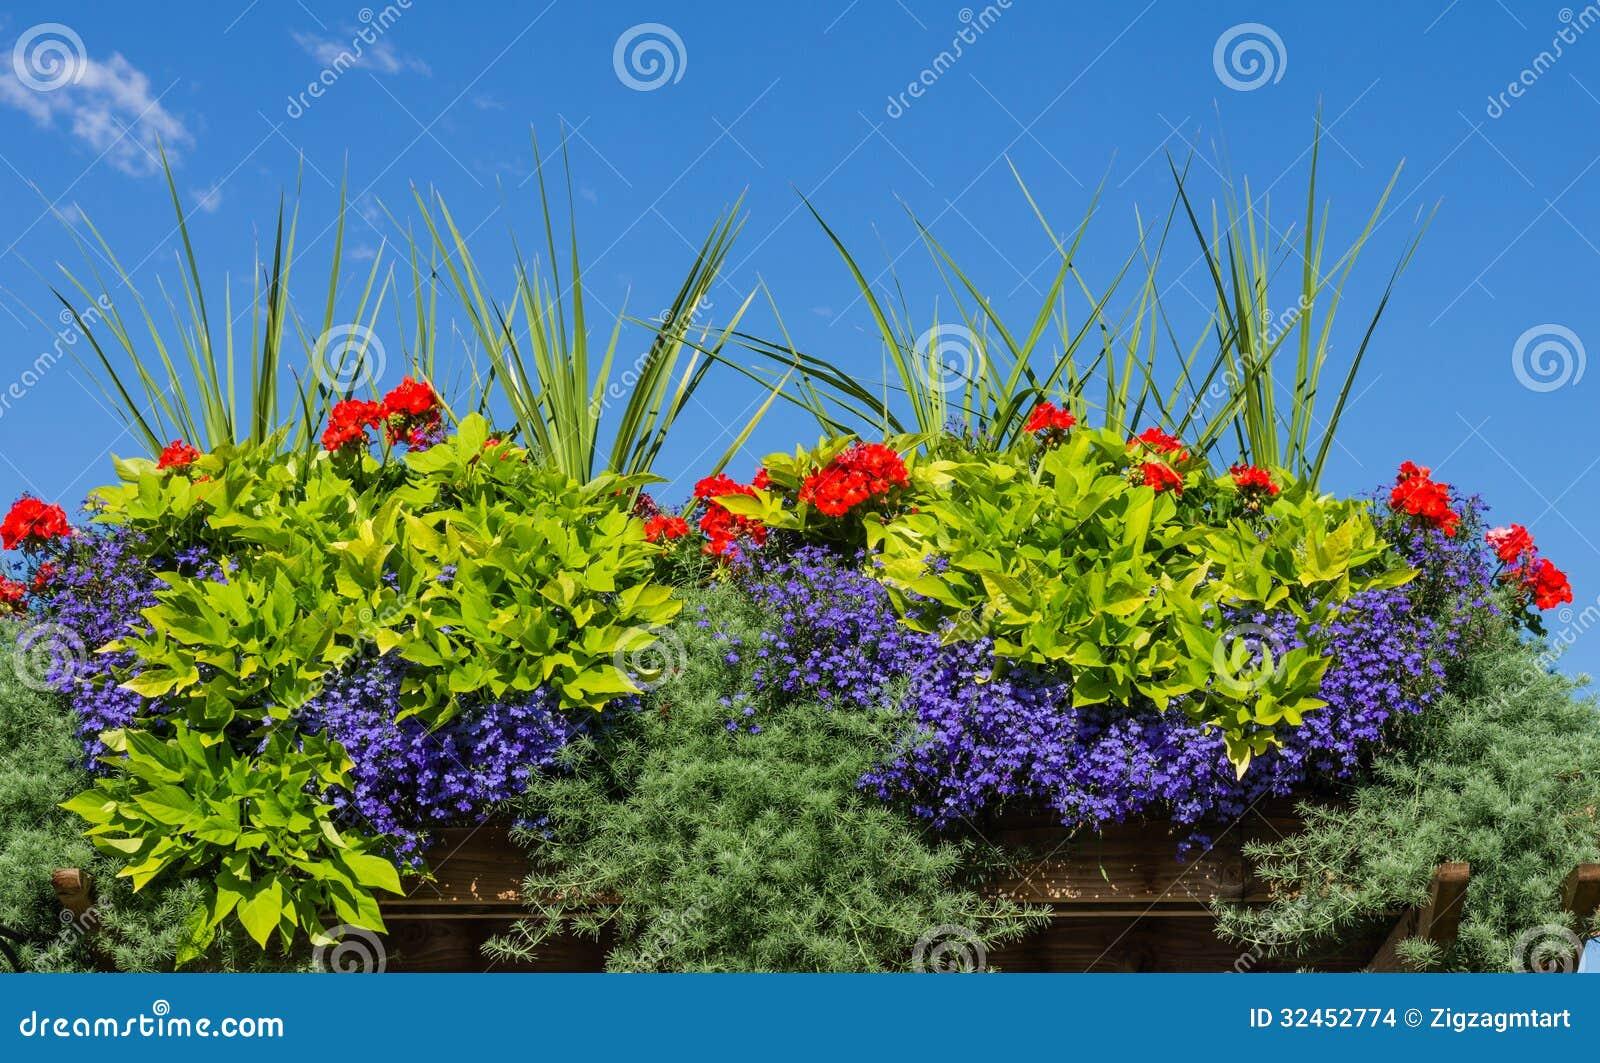 Blumenkasten mit blühenden Pflanzen